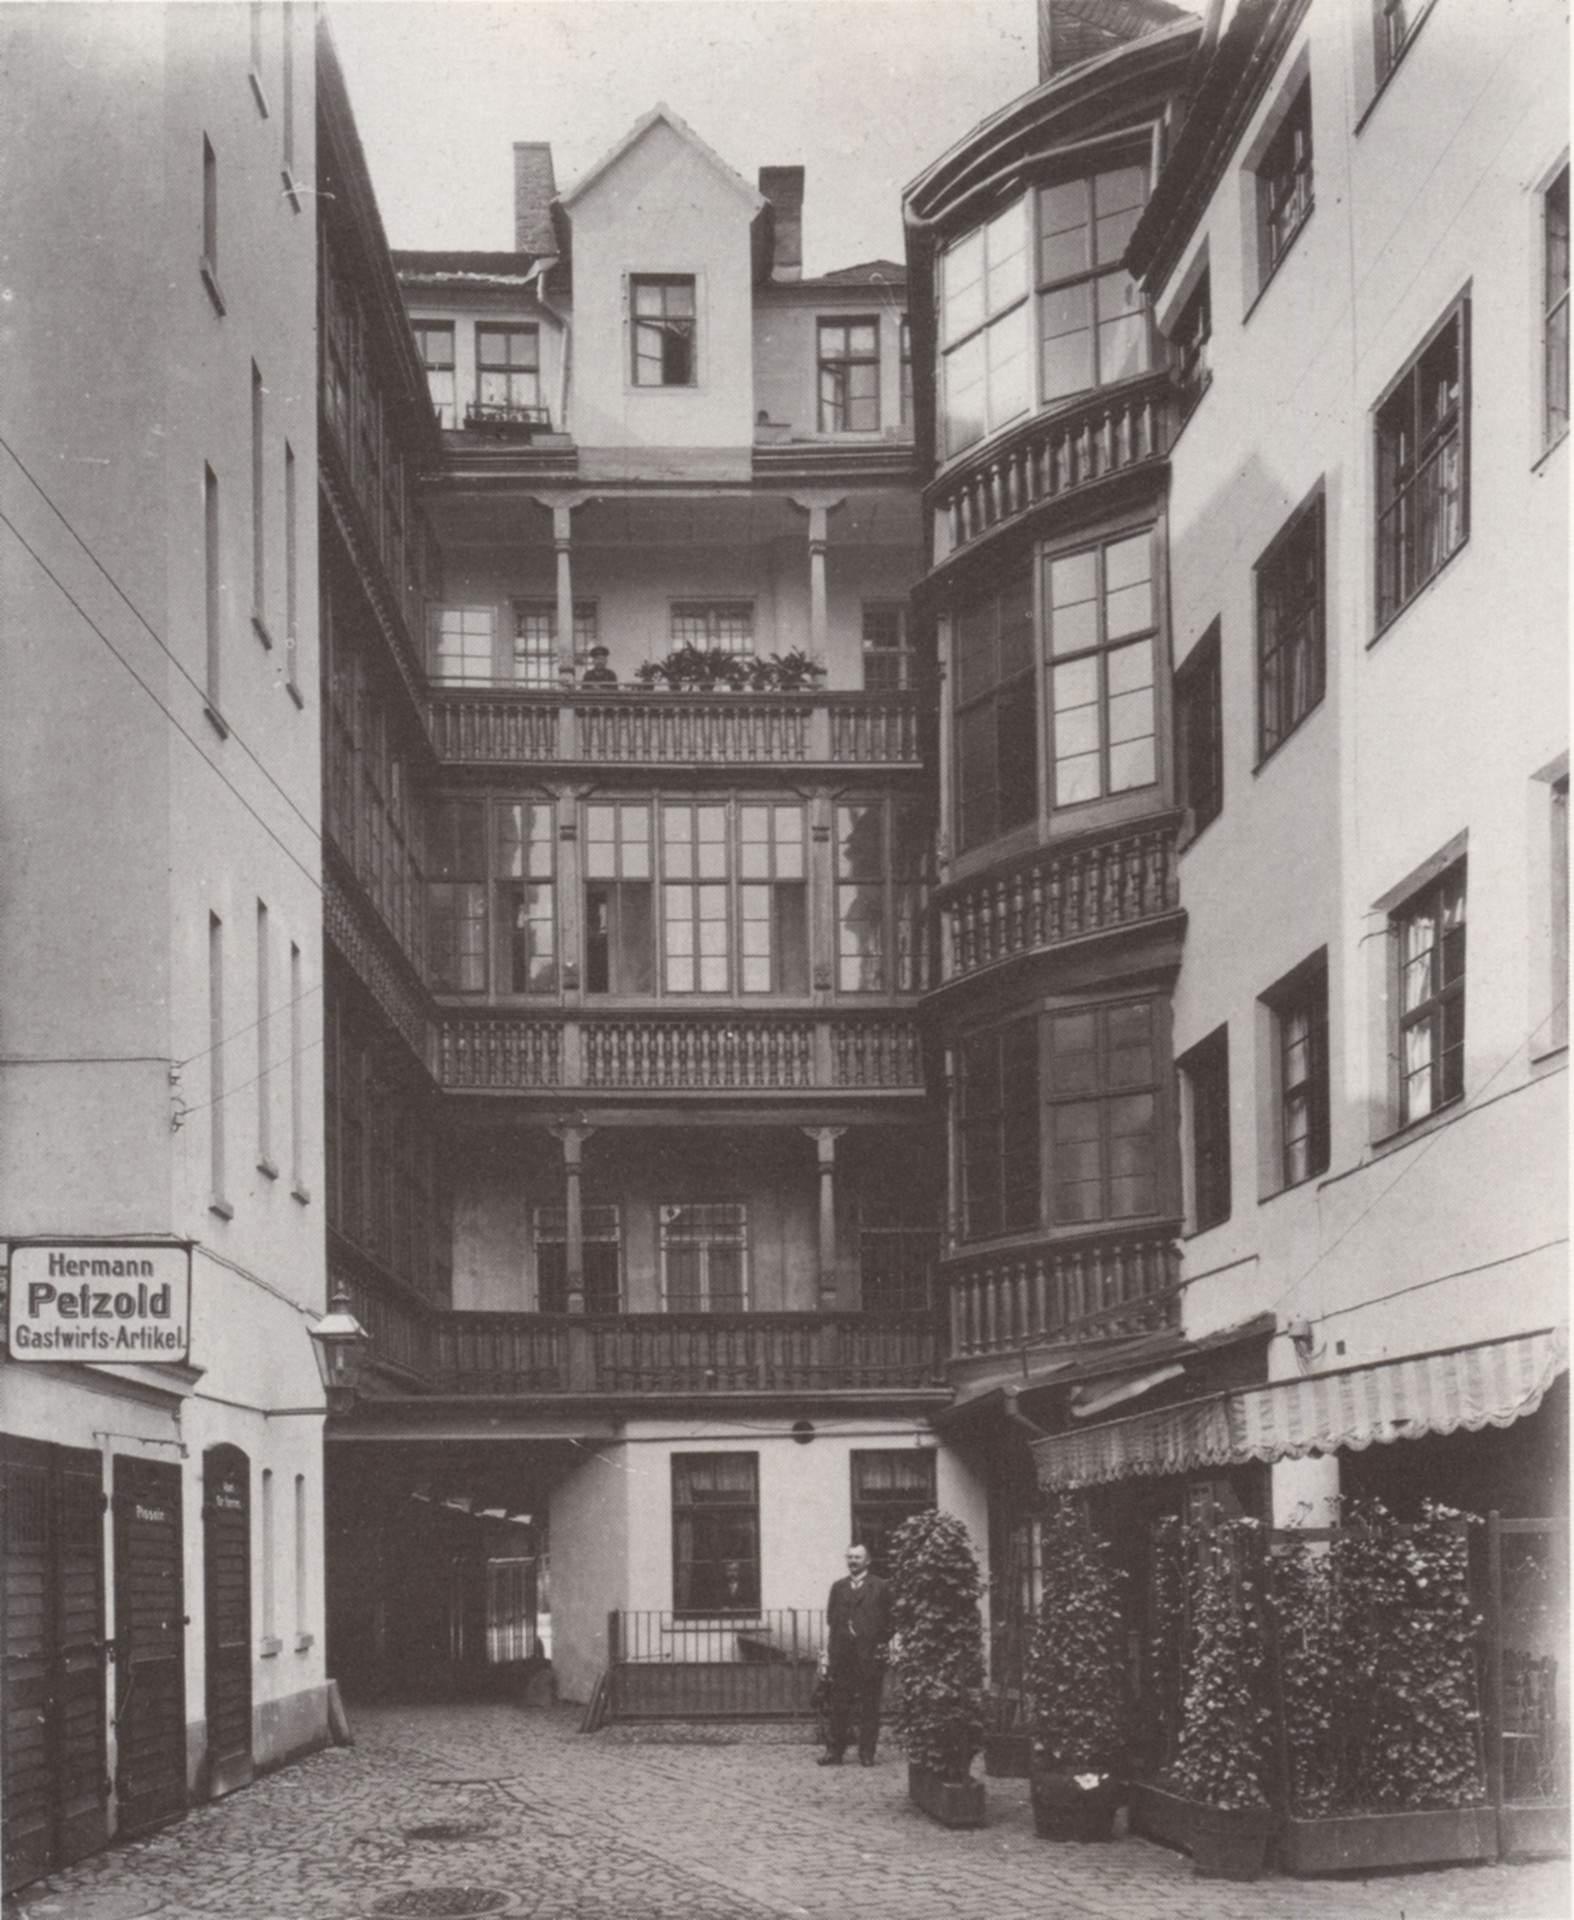 Griechenhaus Katharinenstrasse 4 Leipzig 1890